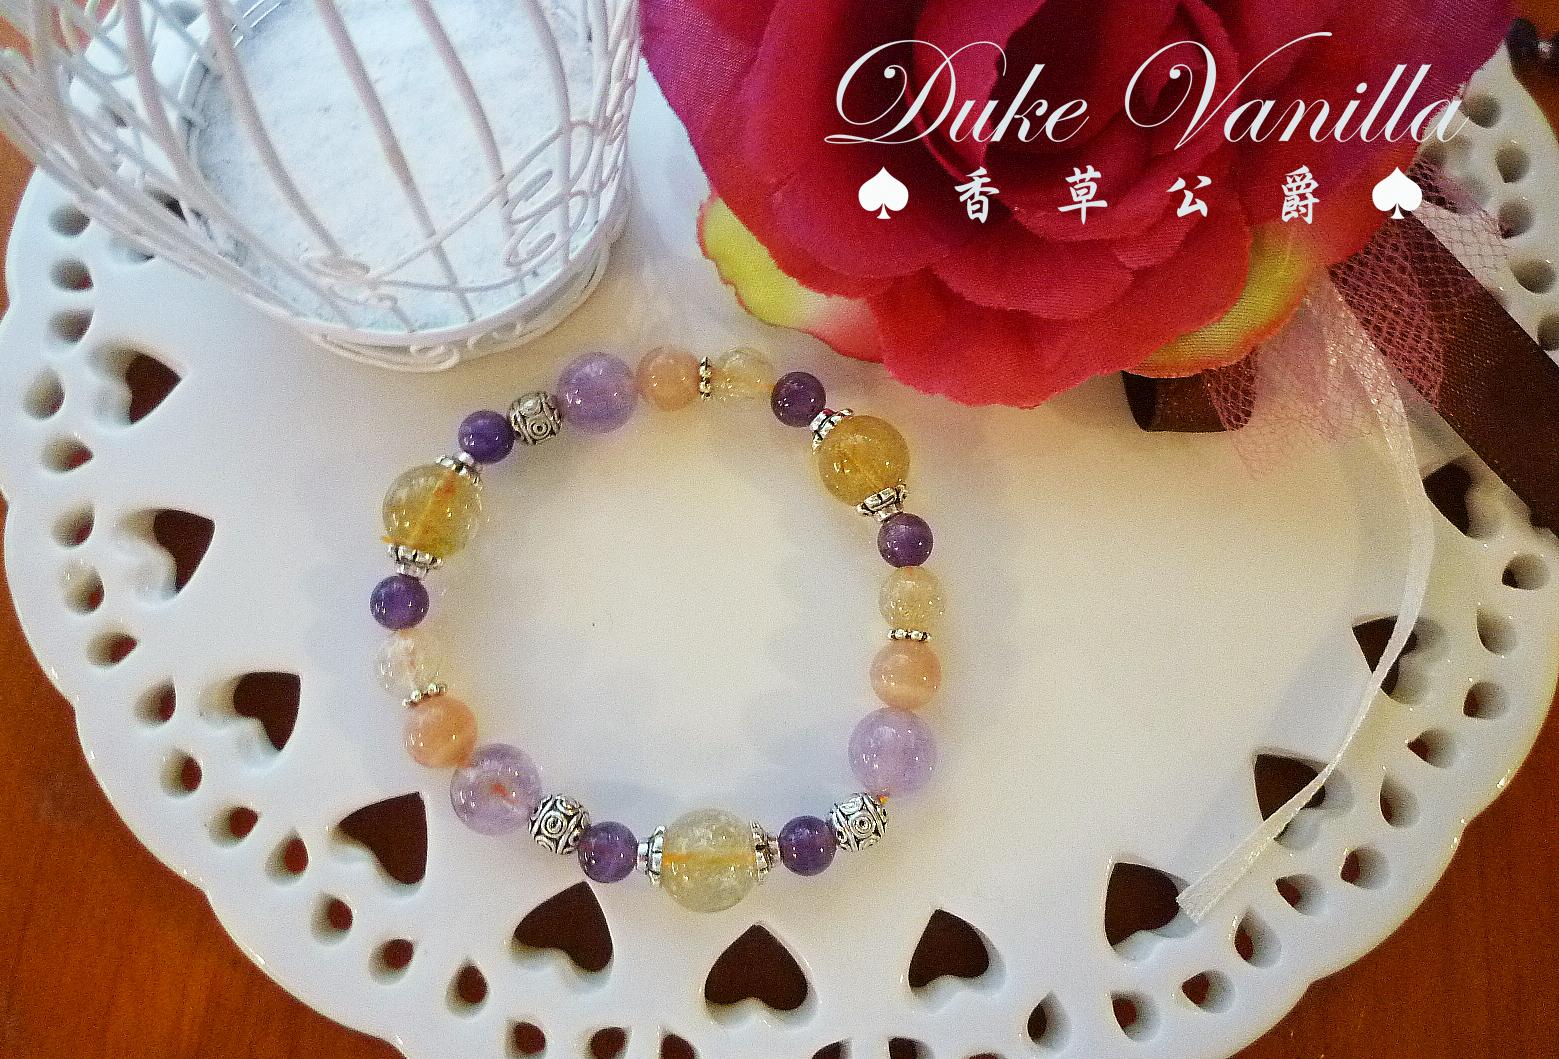 招財華麗金髮晶紫晶太陽石古銀手環 - Duke Vanilla 香草公爵